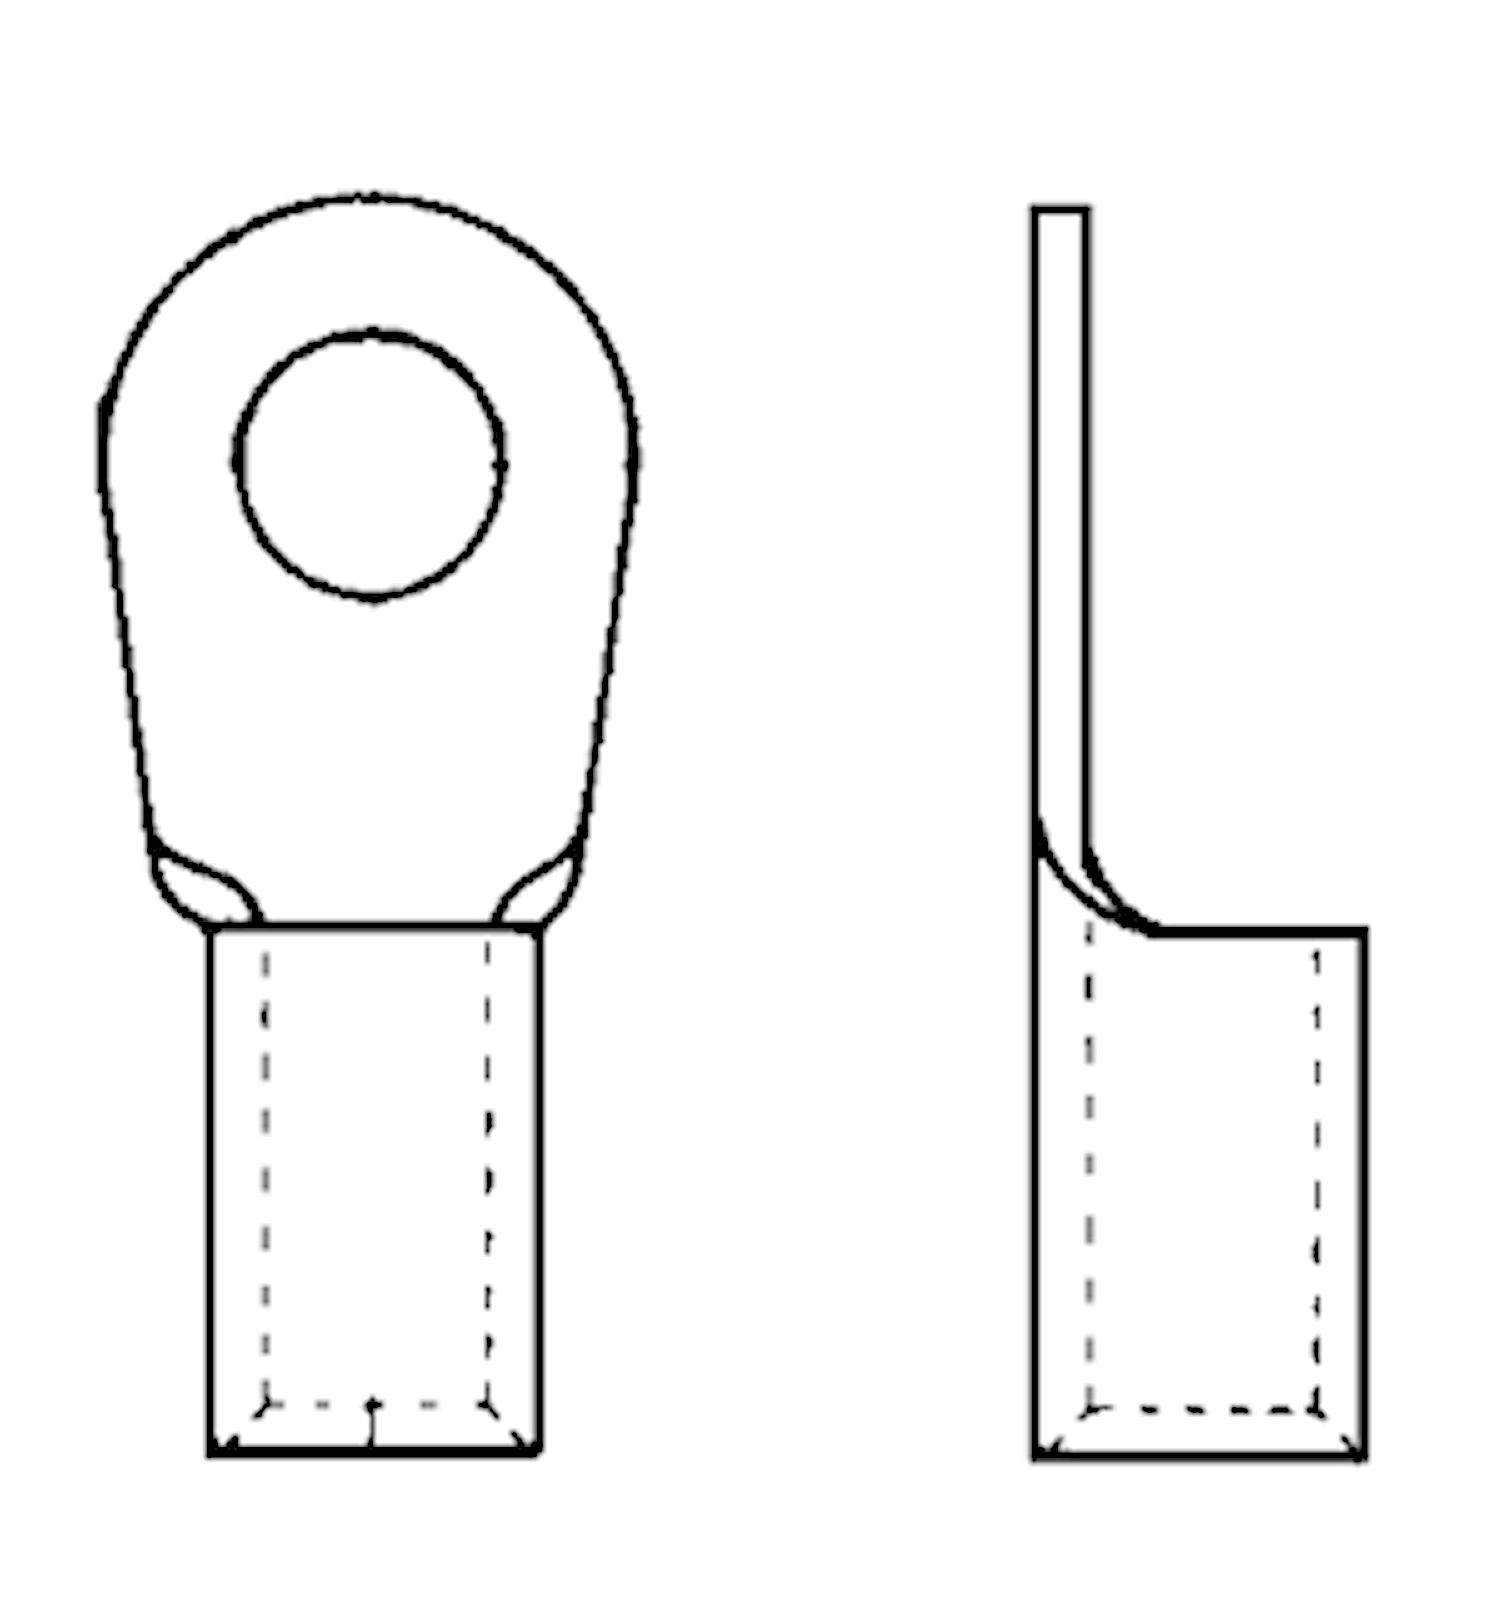 Presskabelsko 10,5mm , 50mm²